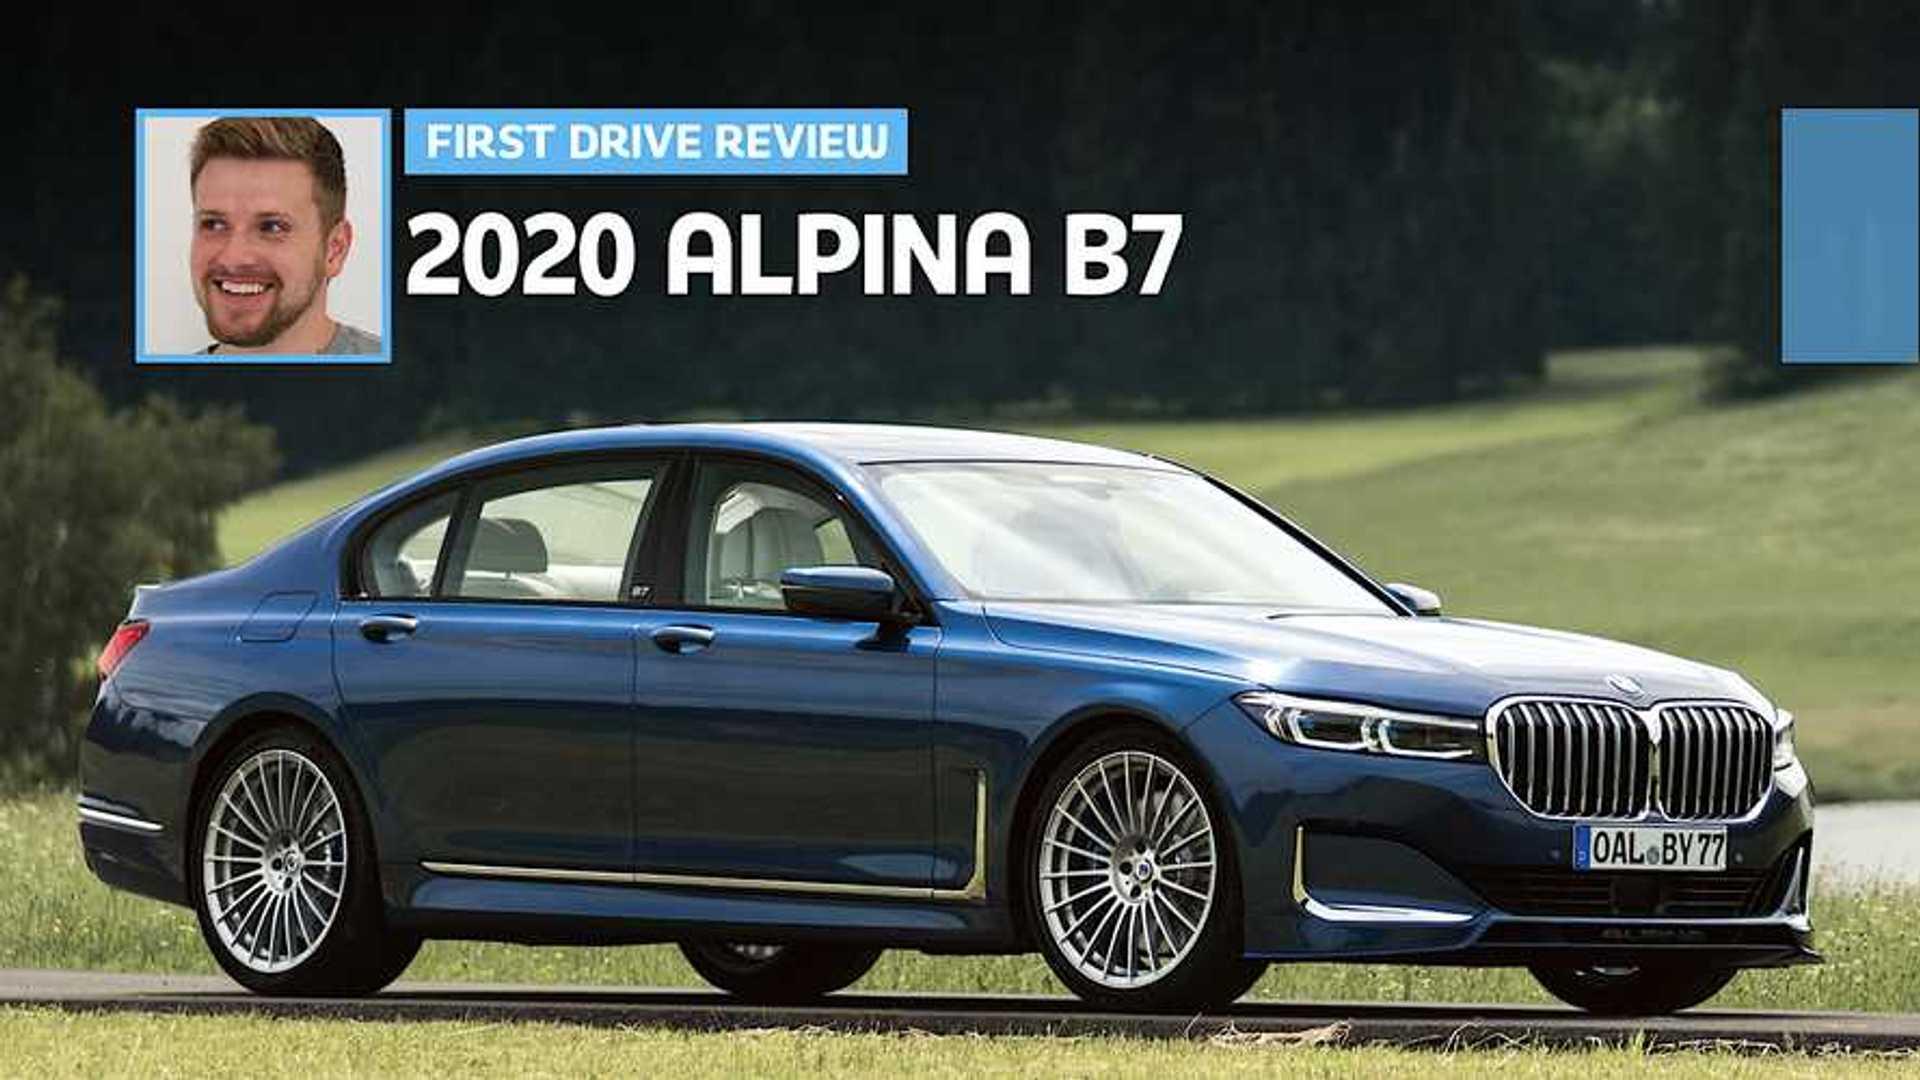 2020 Alpina B7 First Drive: Velvet Sledgehammer